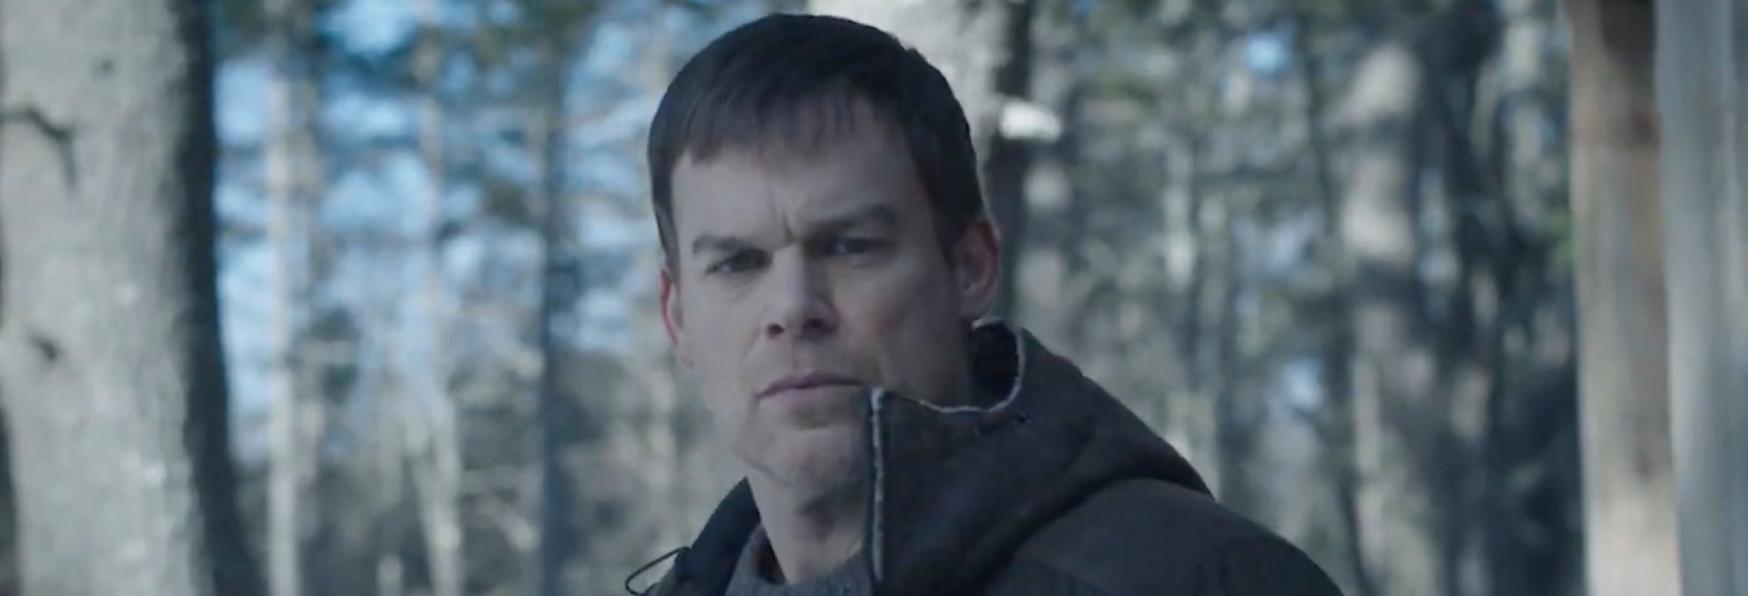 Dexter: annunciata la Data di Uscita e svelato il Trailer del Revival